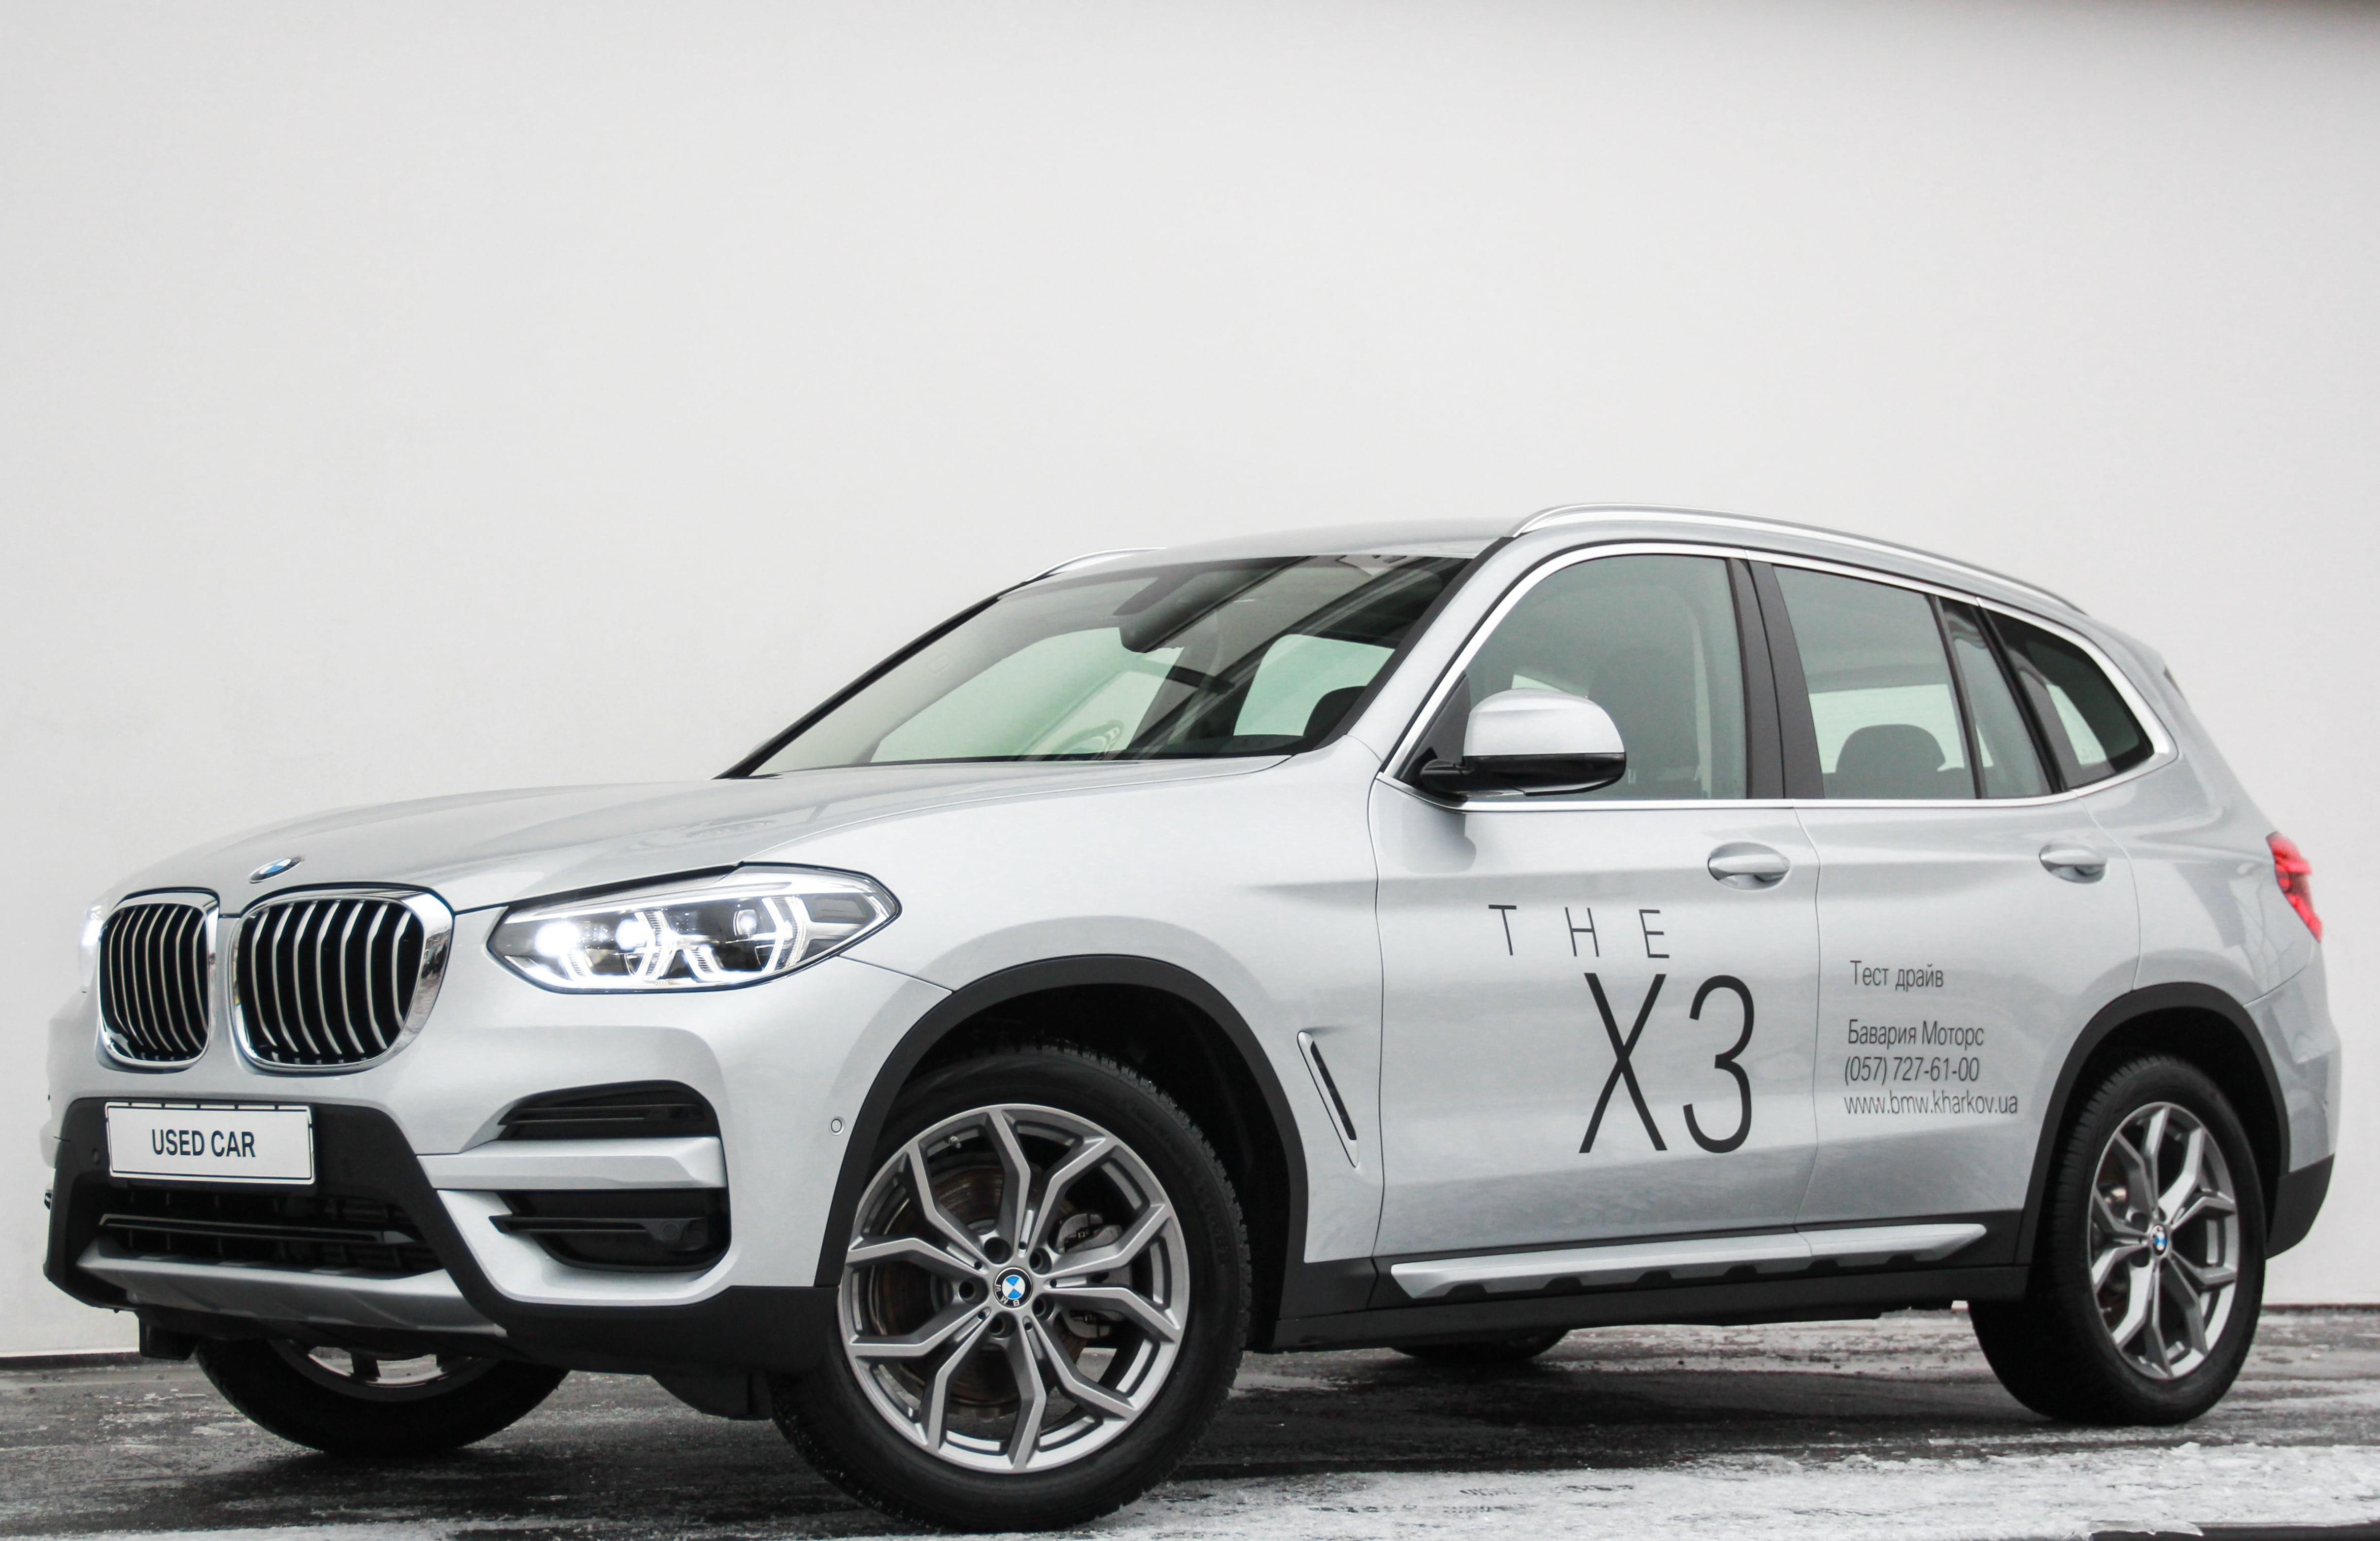 Сертифіковані уживані автомобілі BMW, автомобілі з пробігом в Ukraine | BMW Ukraine | BMW X3 X3 xDrive20d Grey